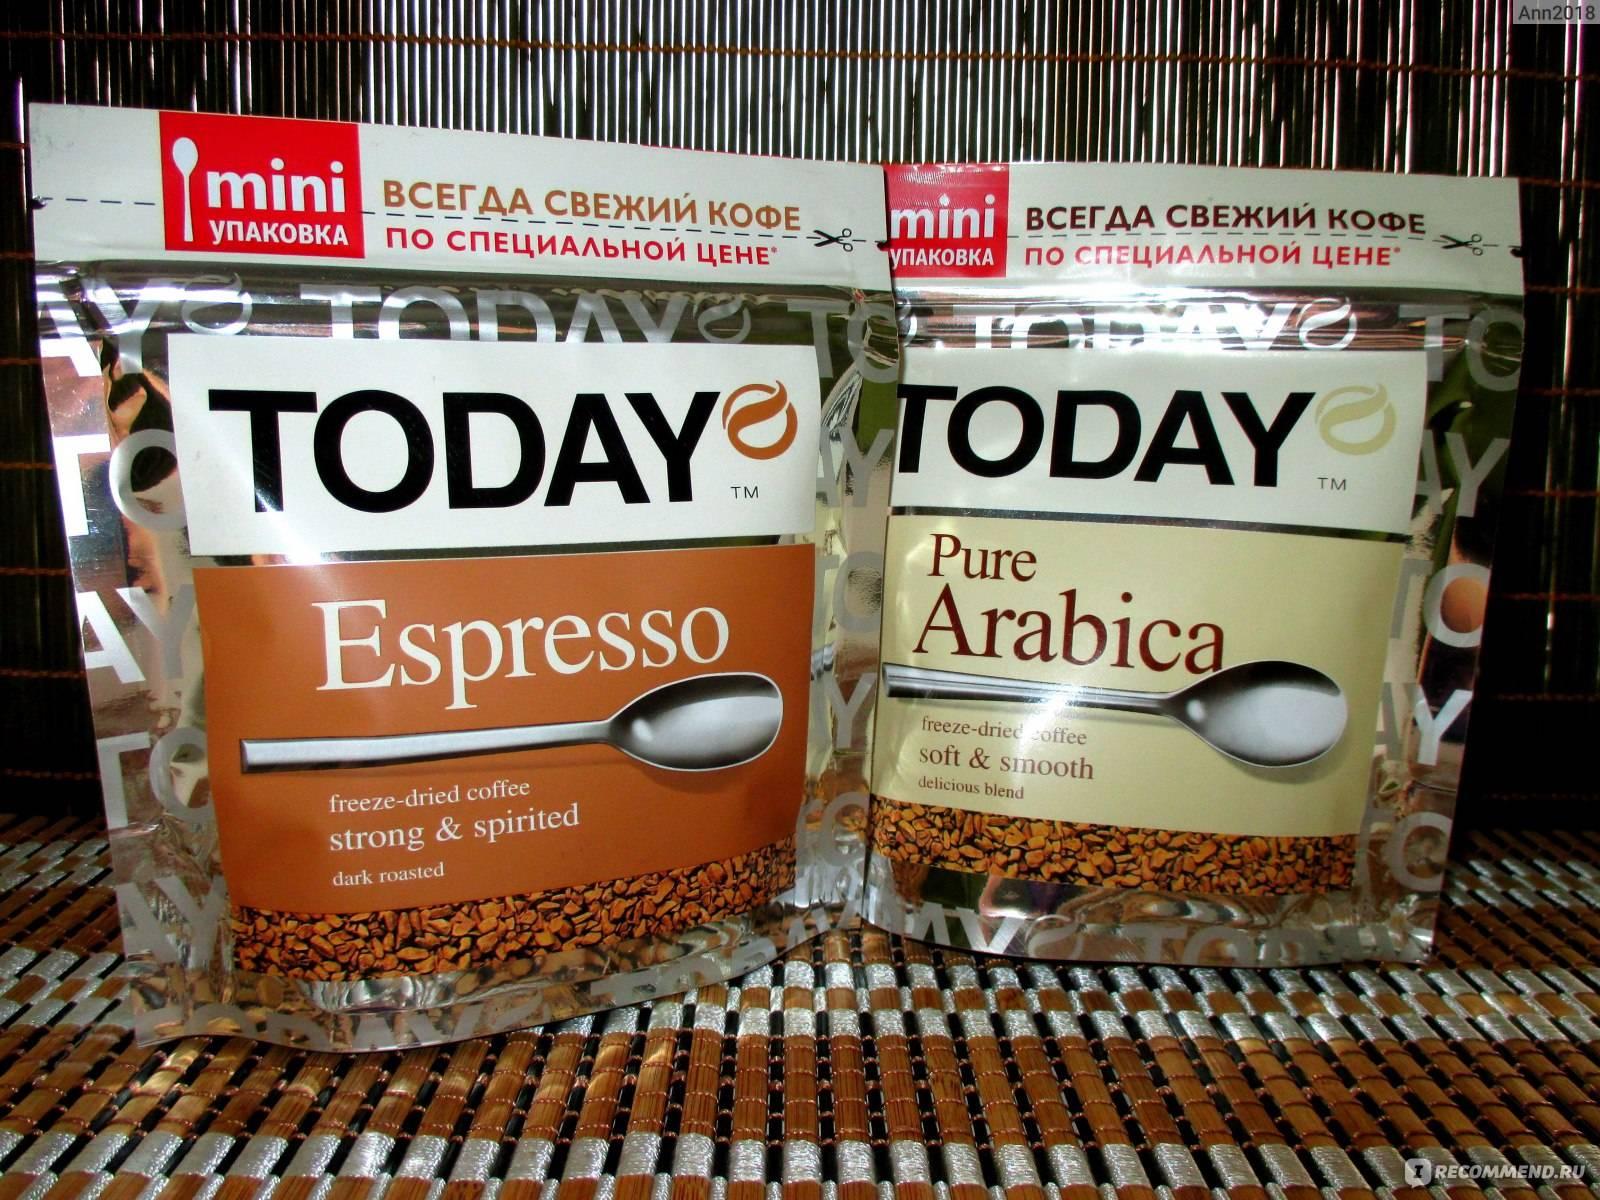 Кофе today: из чего делают, как правильно заваривать, какие разновидности есть